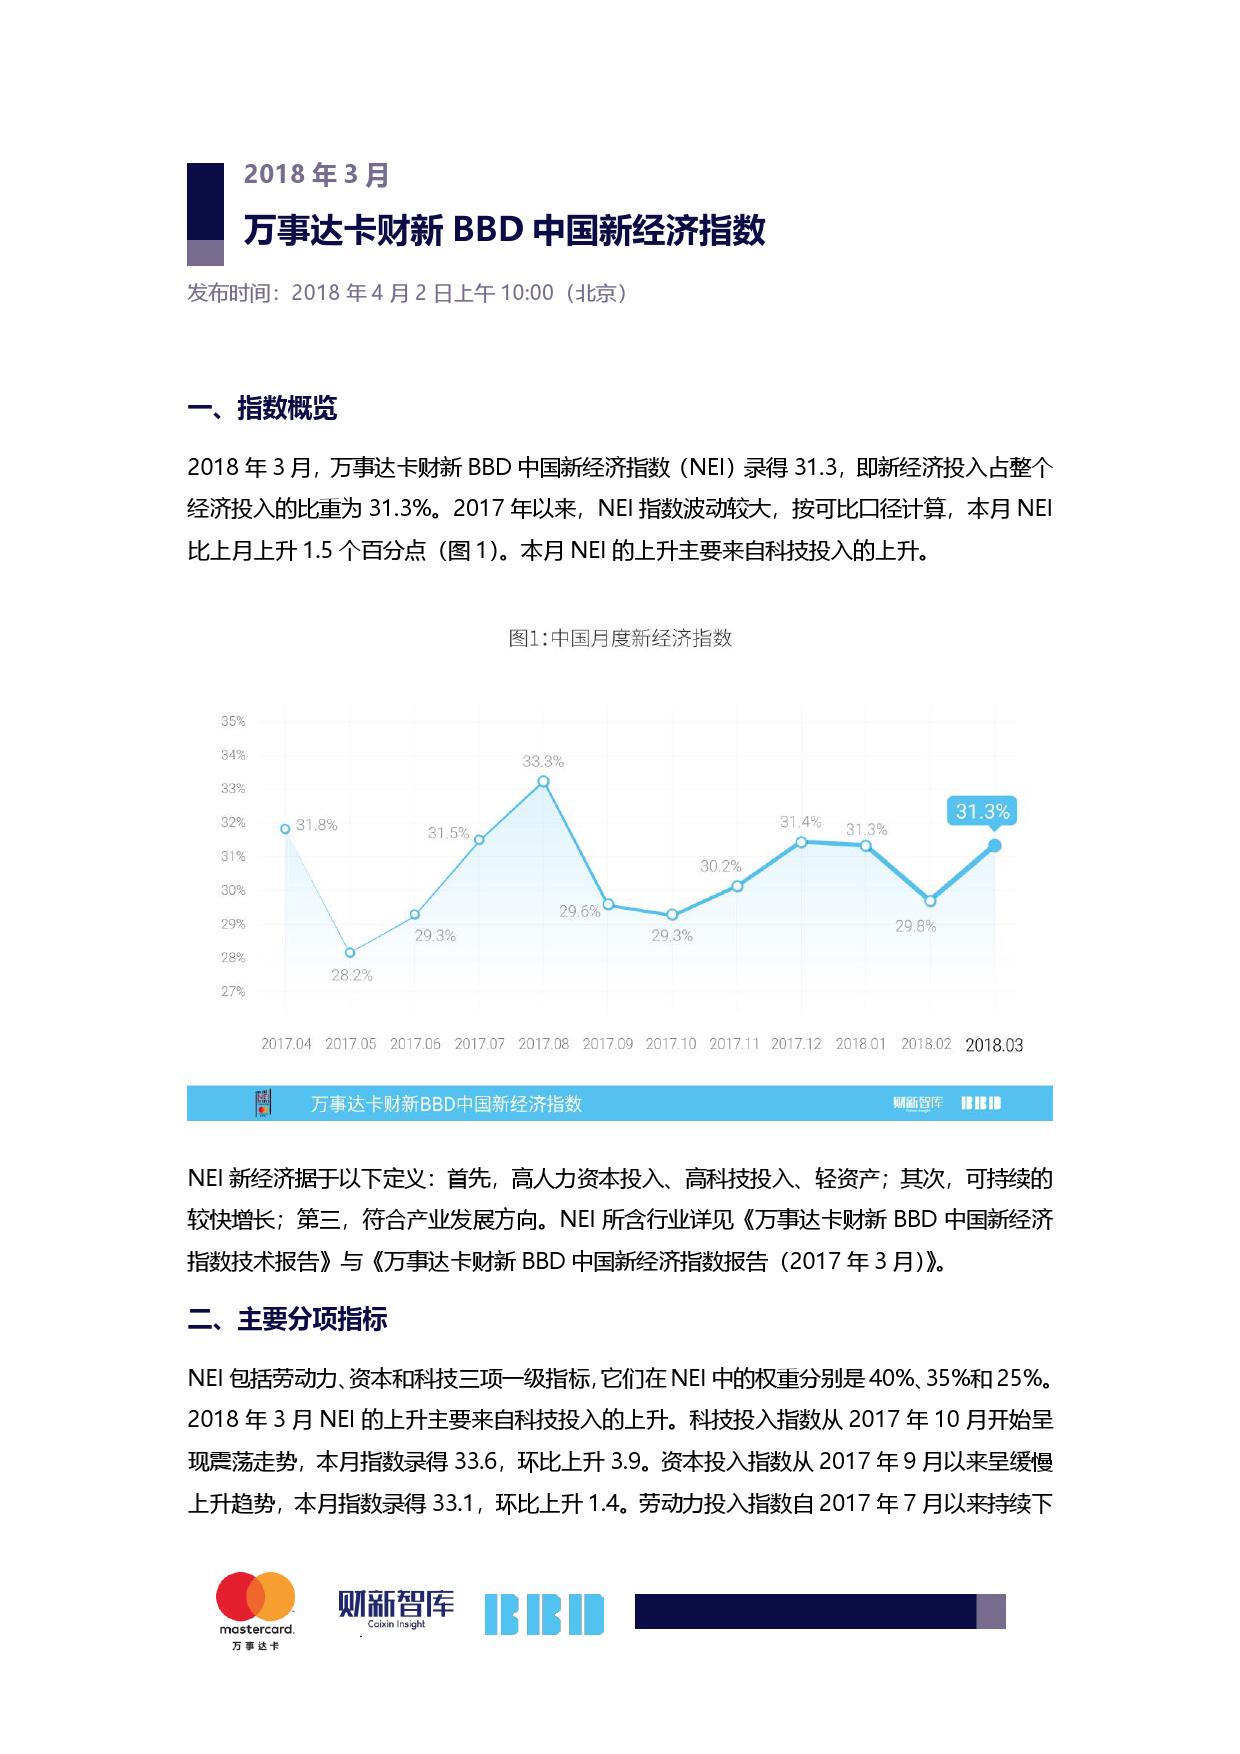 财新BBD:2018年3月中国新经济指数(附下载)